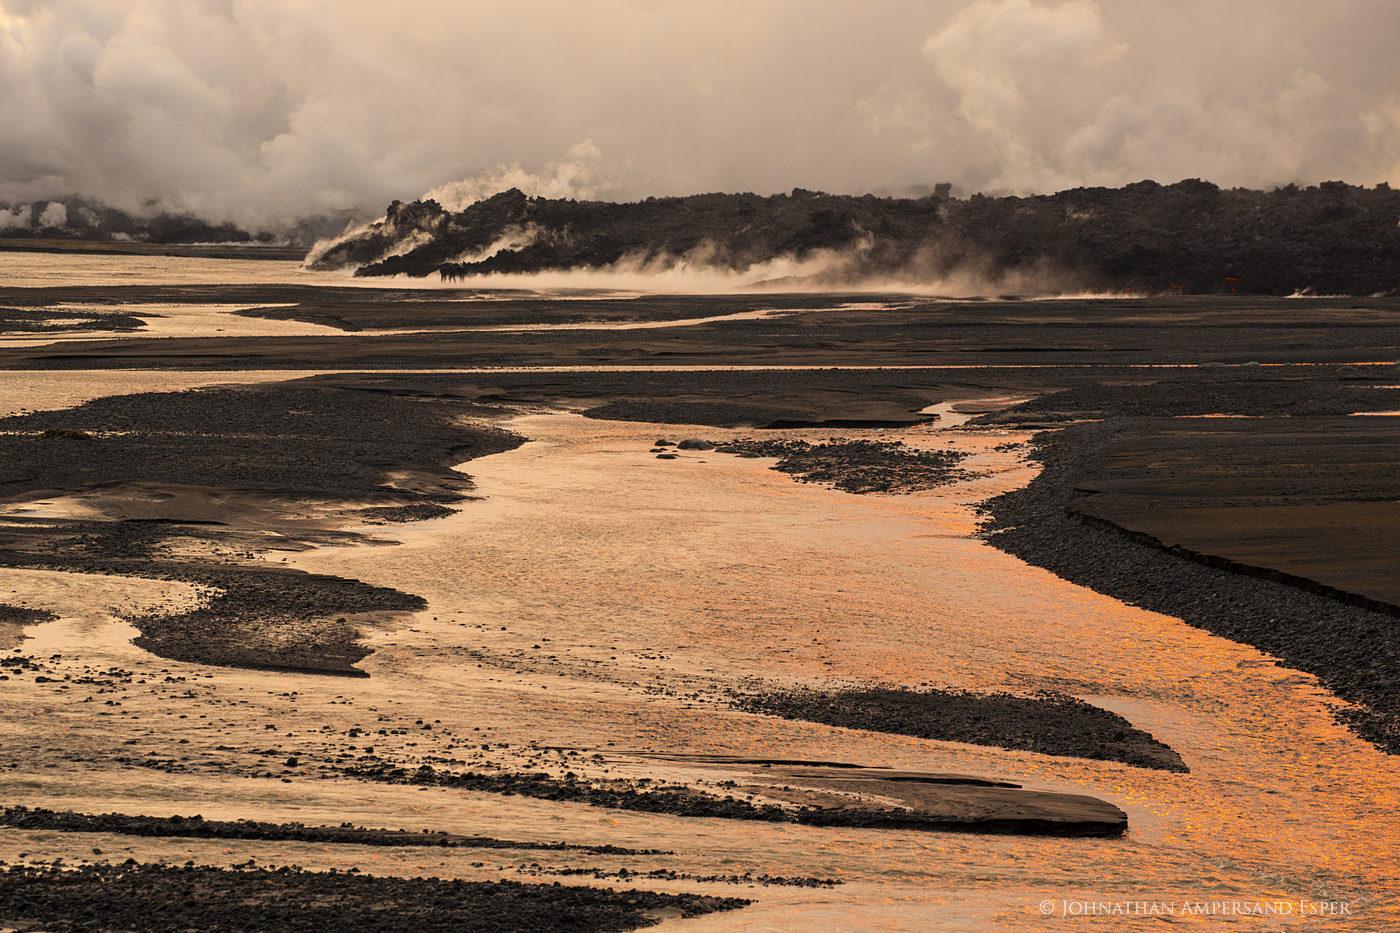 2014, Baugur, Bárðarbunga, Holuhraun, Iceland, Jokulsa a Fjollum, Jökulsá á Fjöllum, crater, erupting, eruption, flow, lava, river, photo